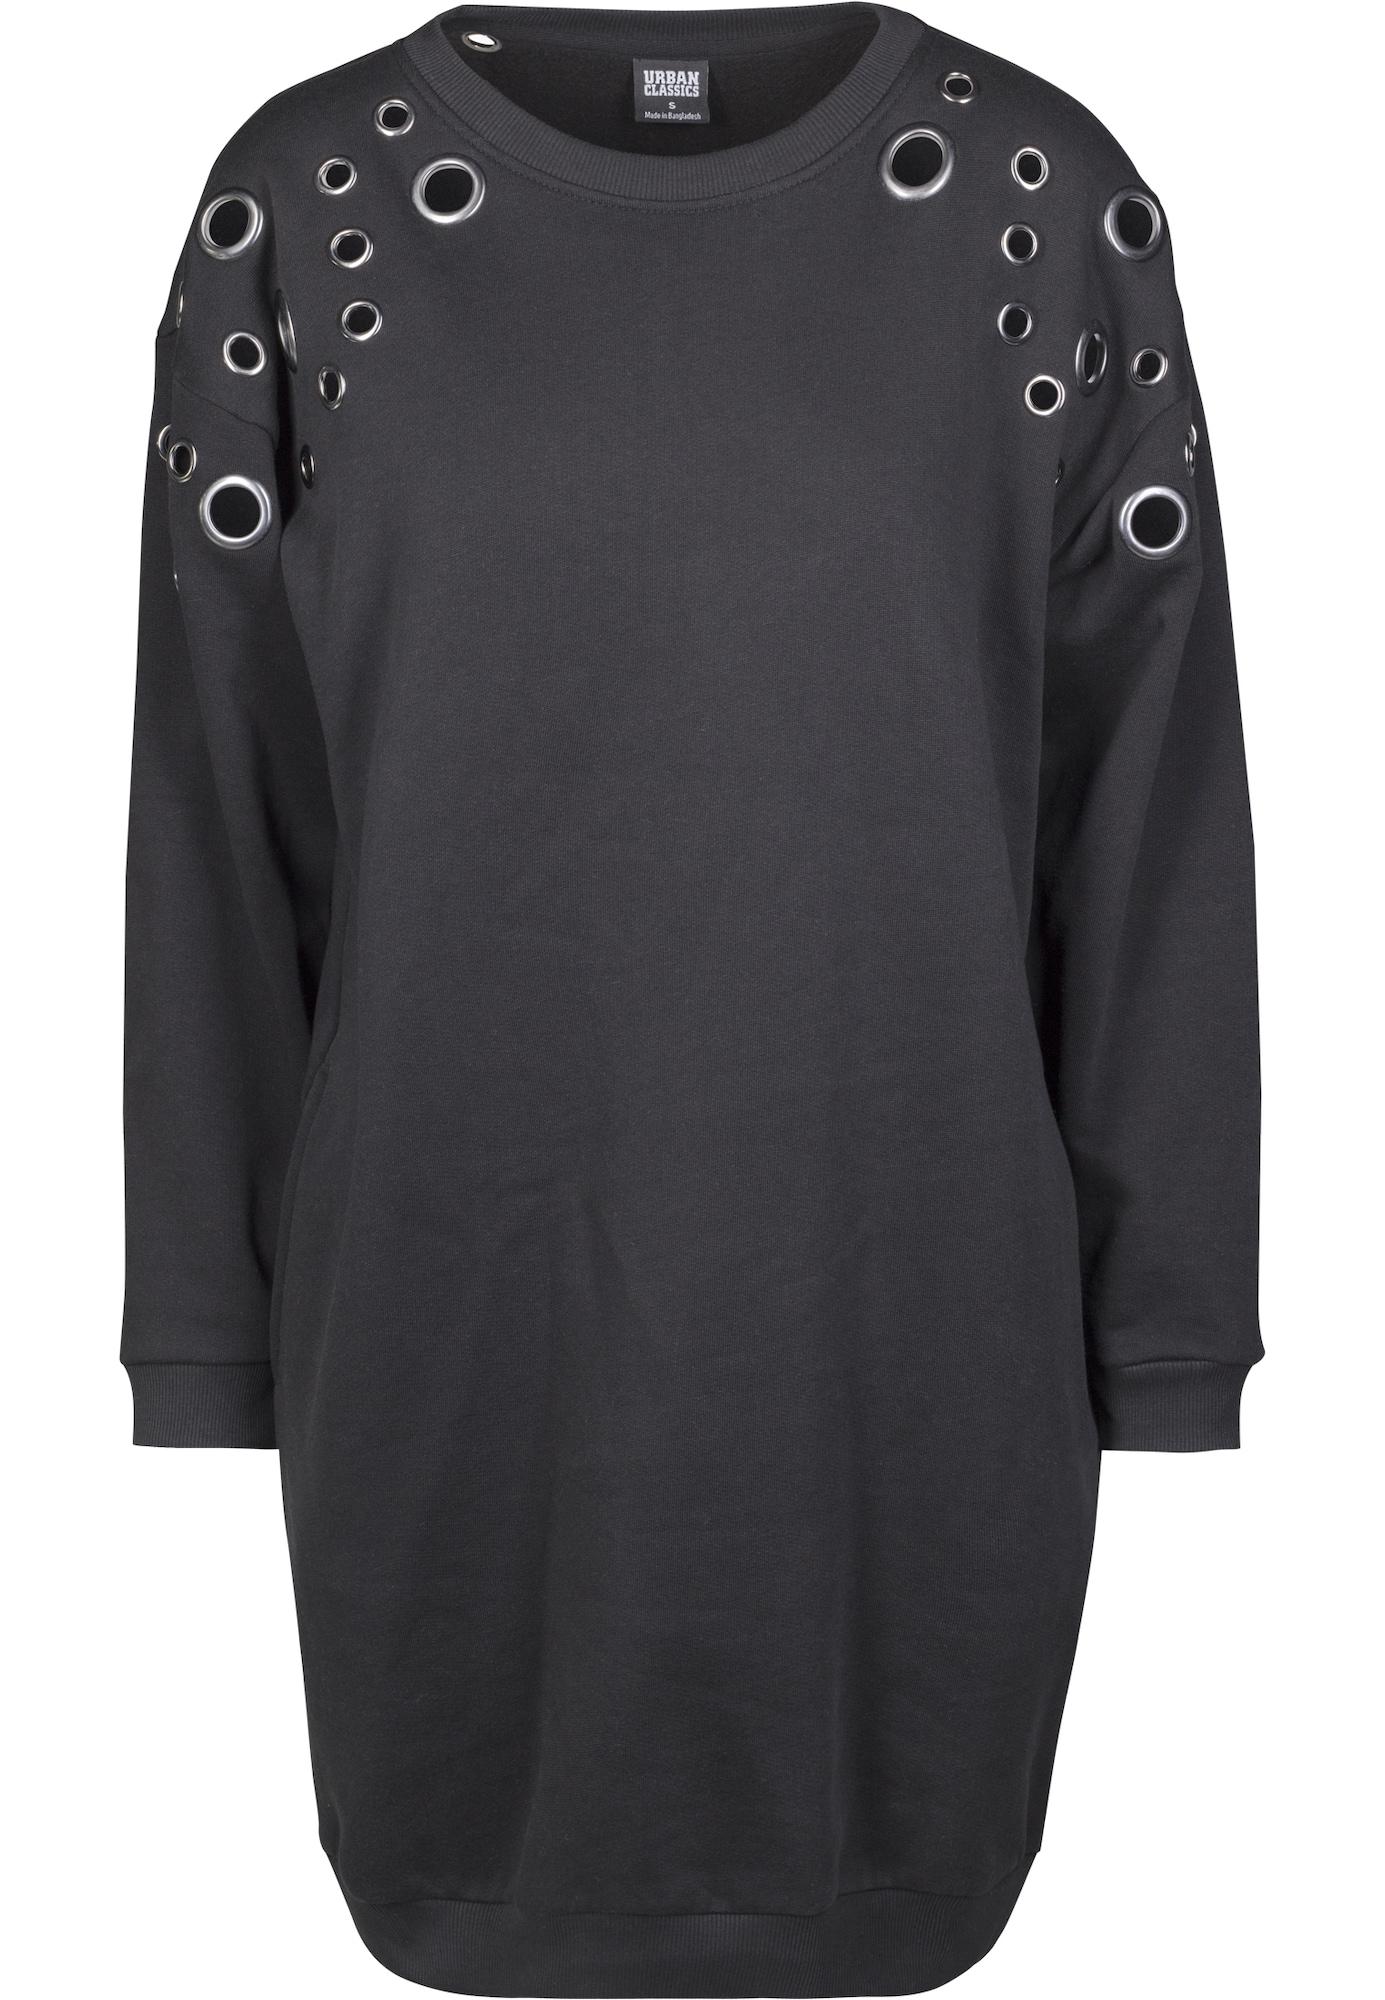 Šaty Sweat Eyelet černá Urban Classics Curvy